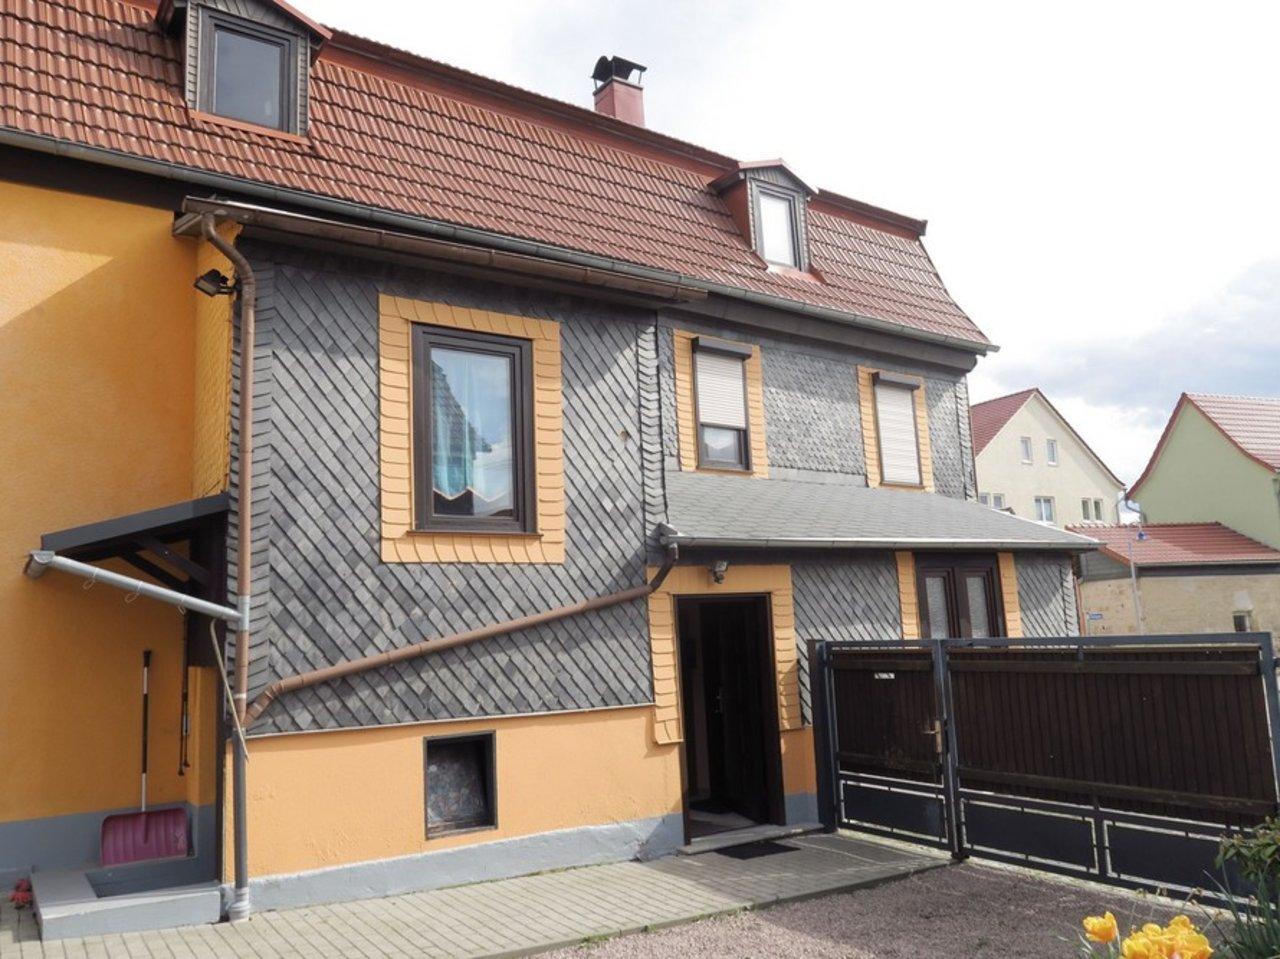 Großzügiges EFH mit Nebengebäude in Gräfenroda-Hausansicht mit Einfahrt